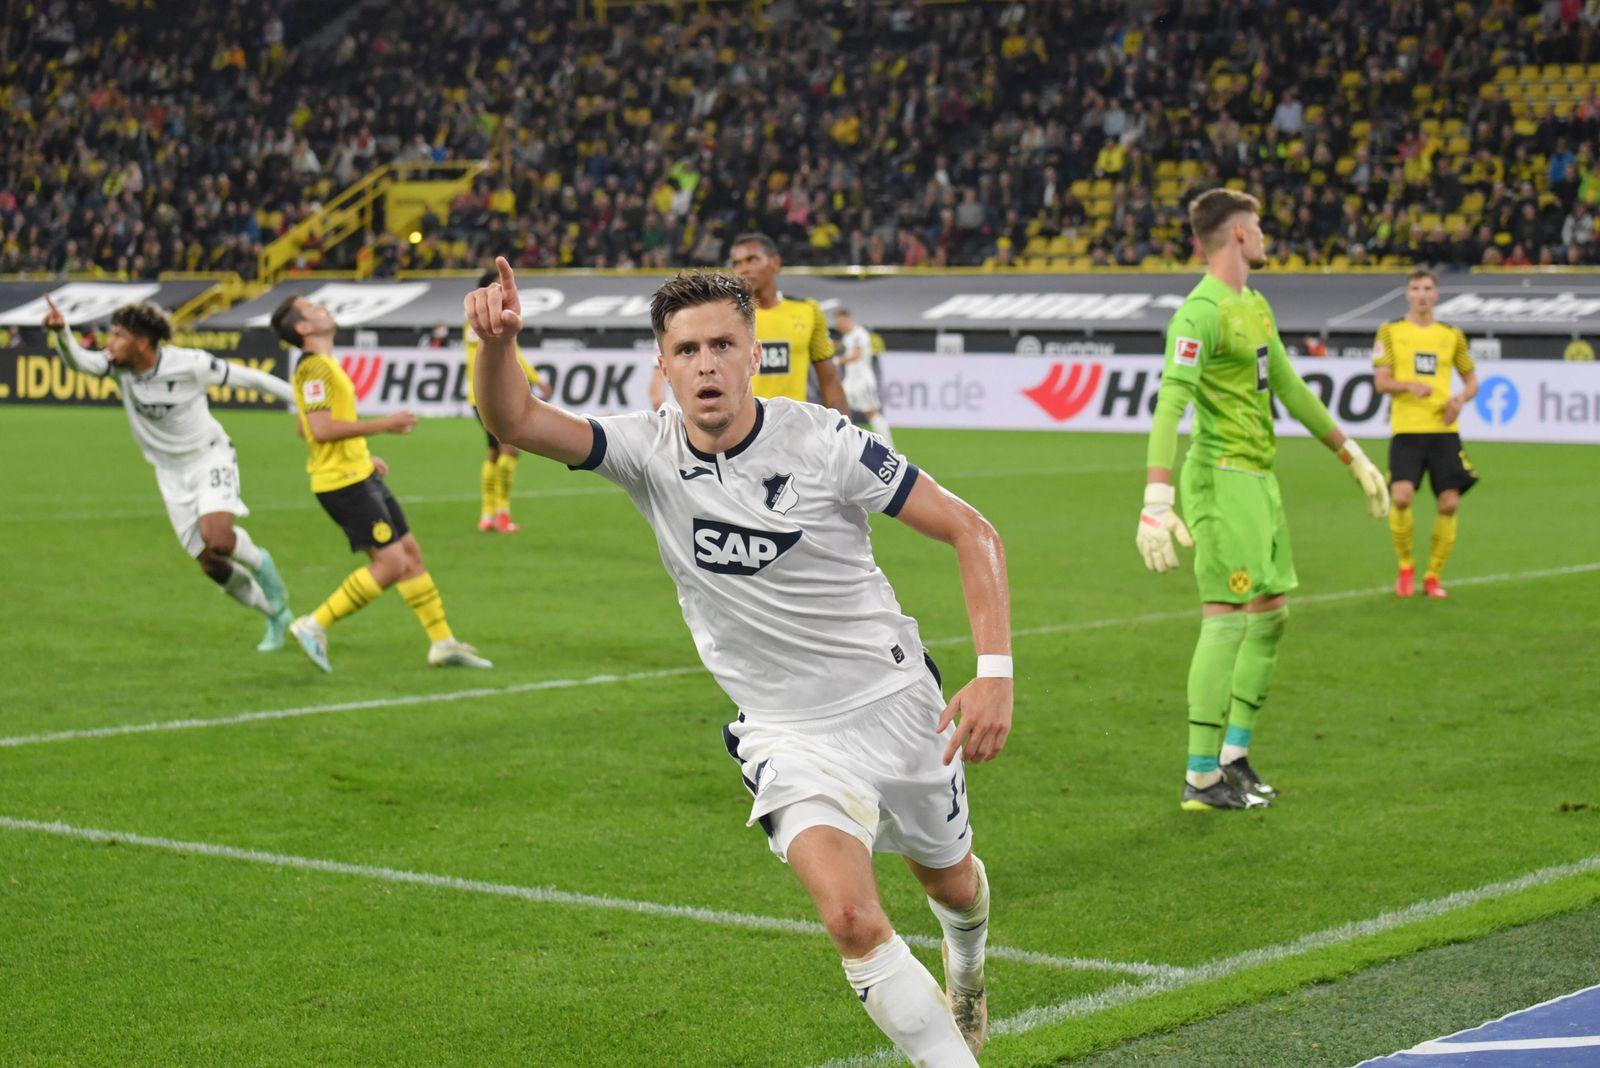 Jubel Christoph Baumgartner (TSG Hoffenheim) 1:1, rechts Torwart Gregor Kobel (Borussia Dortmund) 27.08.2021, Fussball G